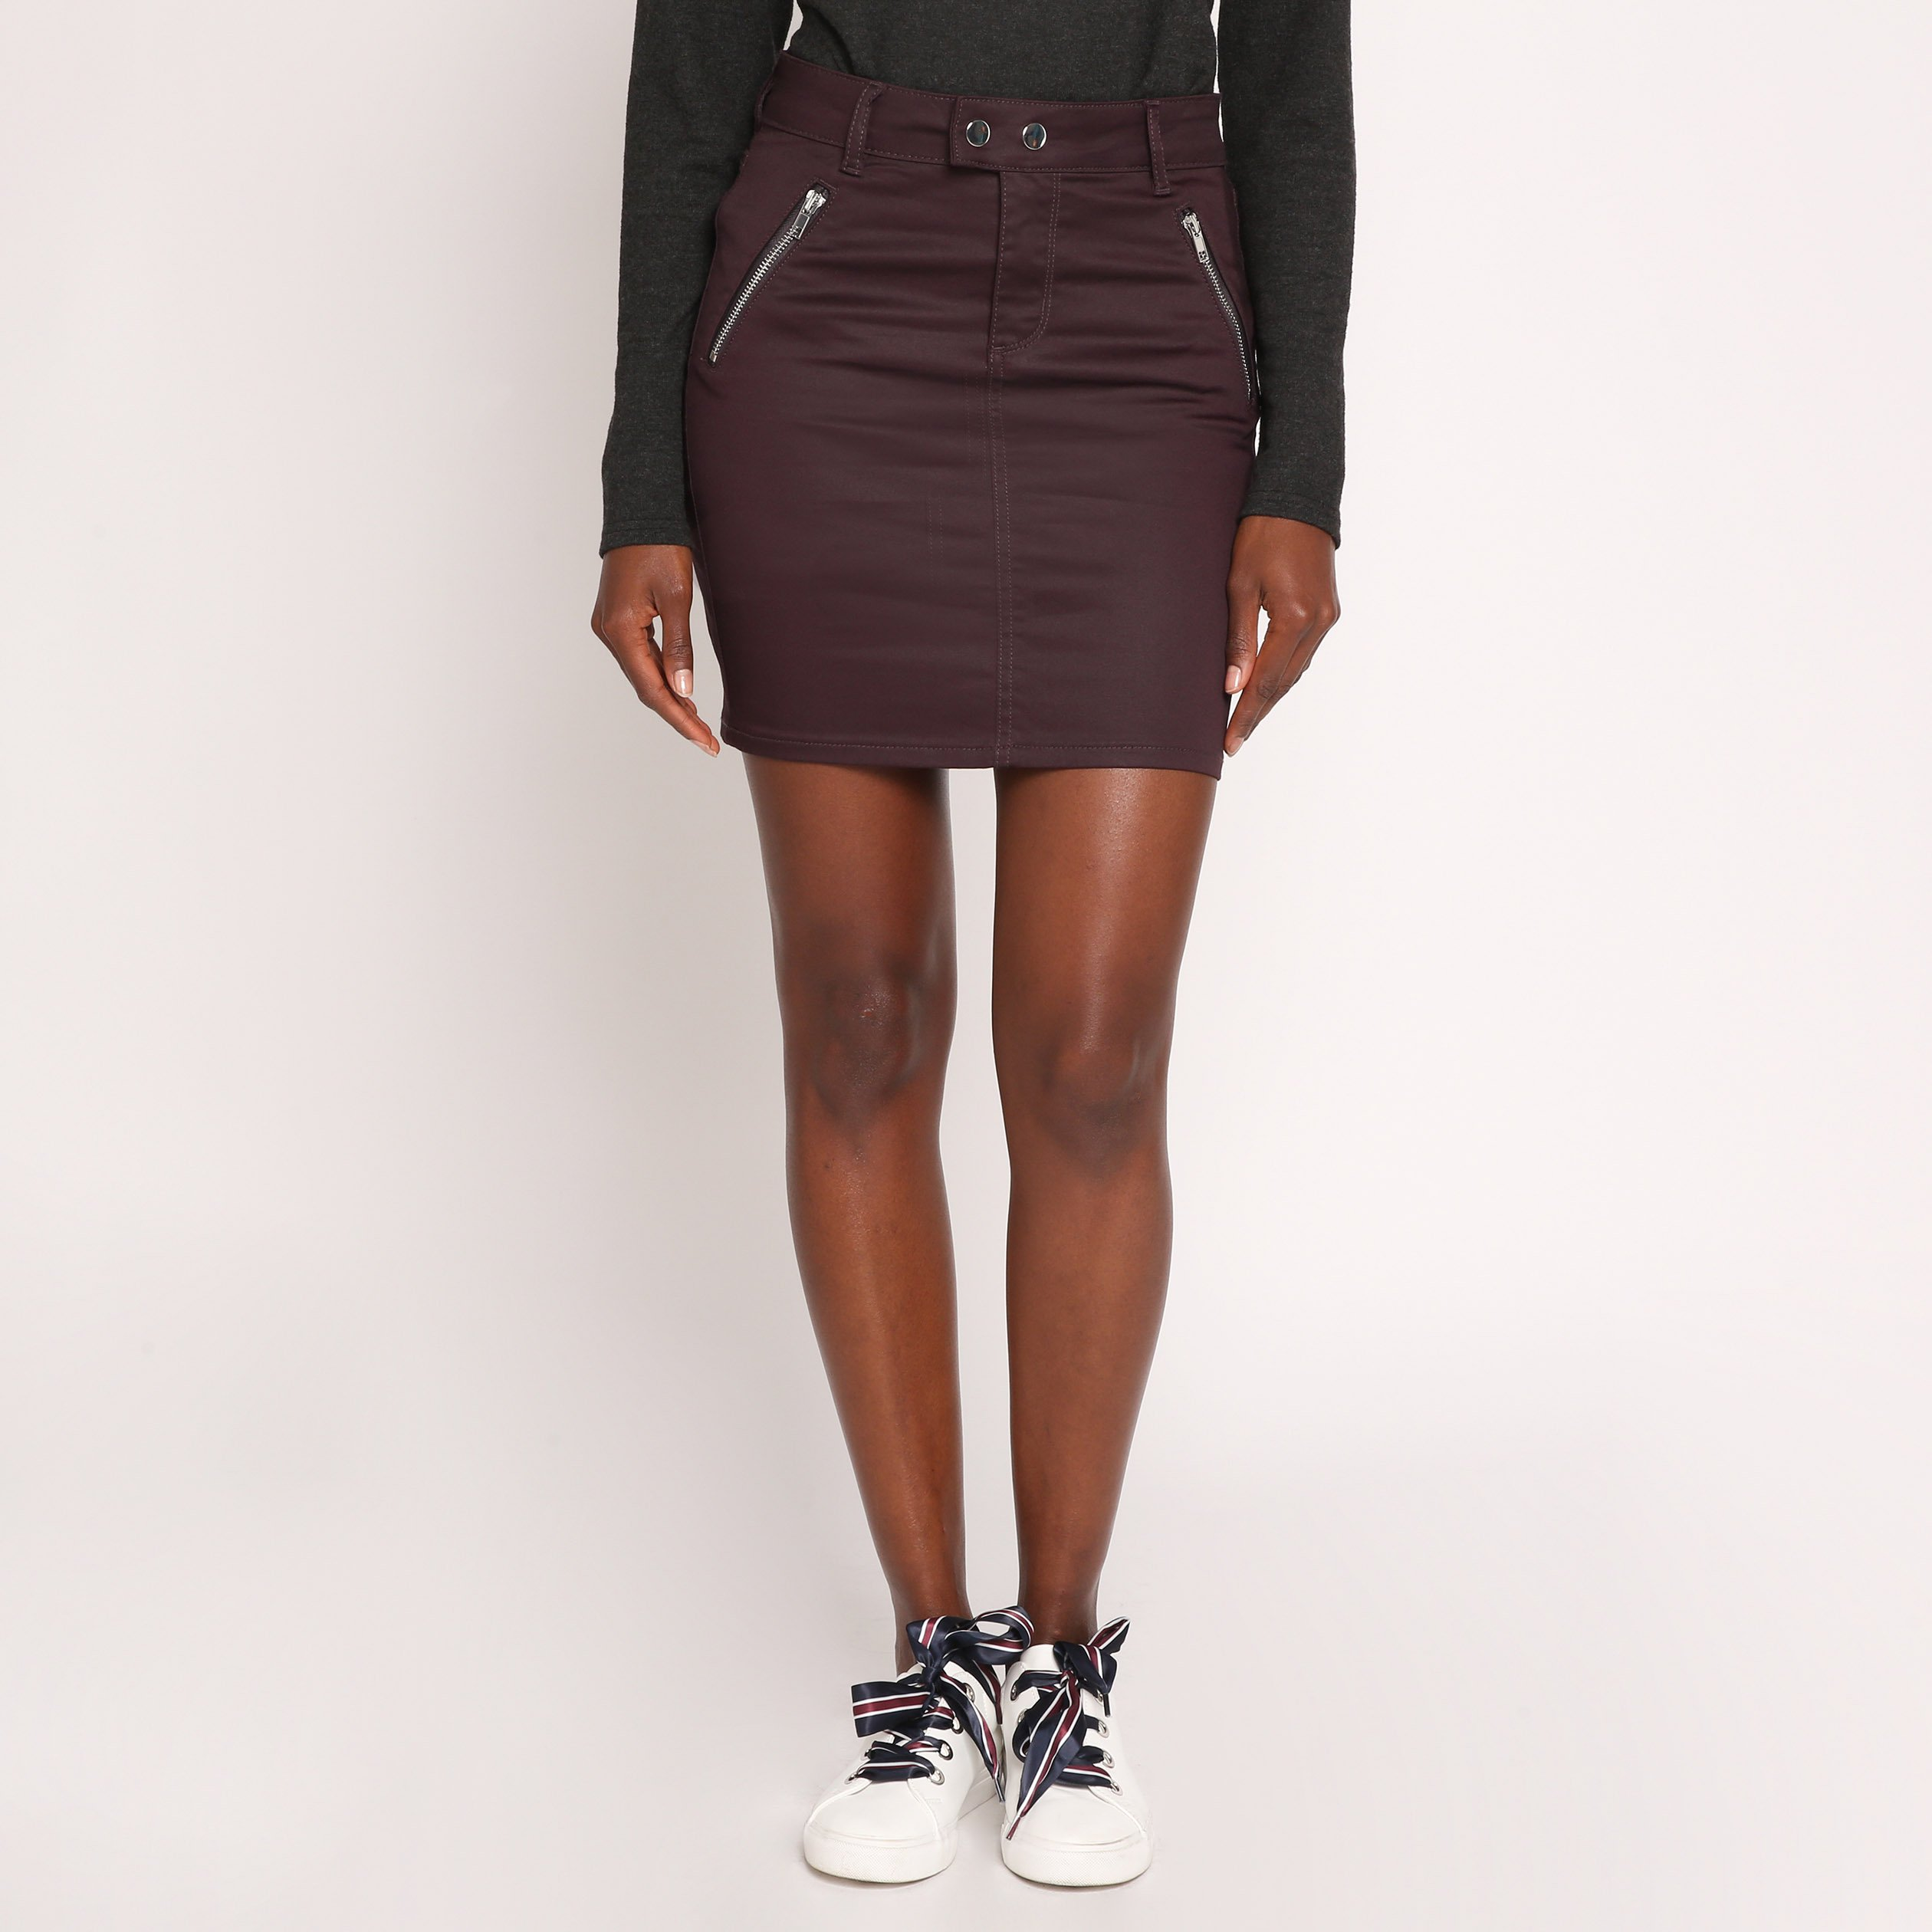 jupe-droite-en-tissu-enduit-rouge-fonc-femme-fp-36125312220020184